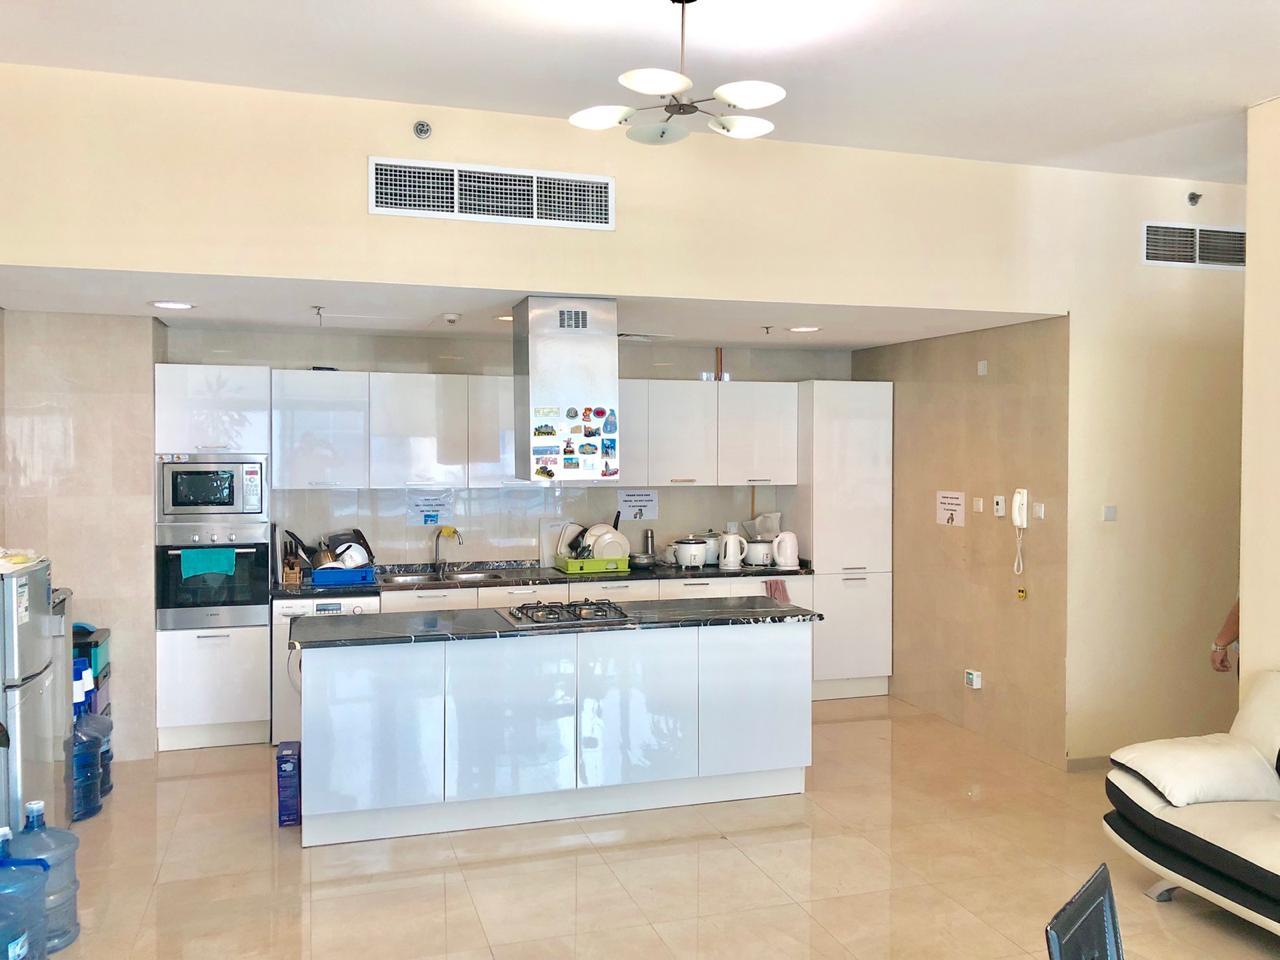 AR1 501 kitchen area.jpeg